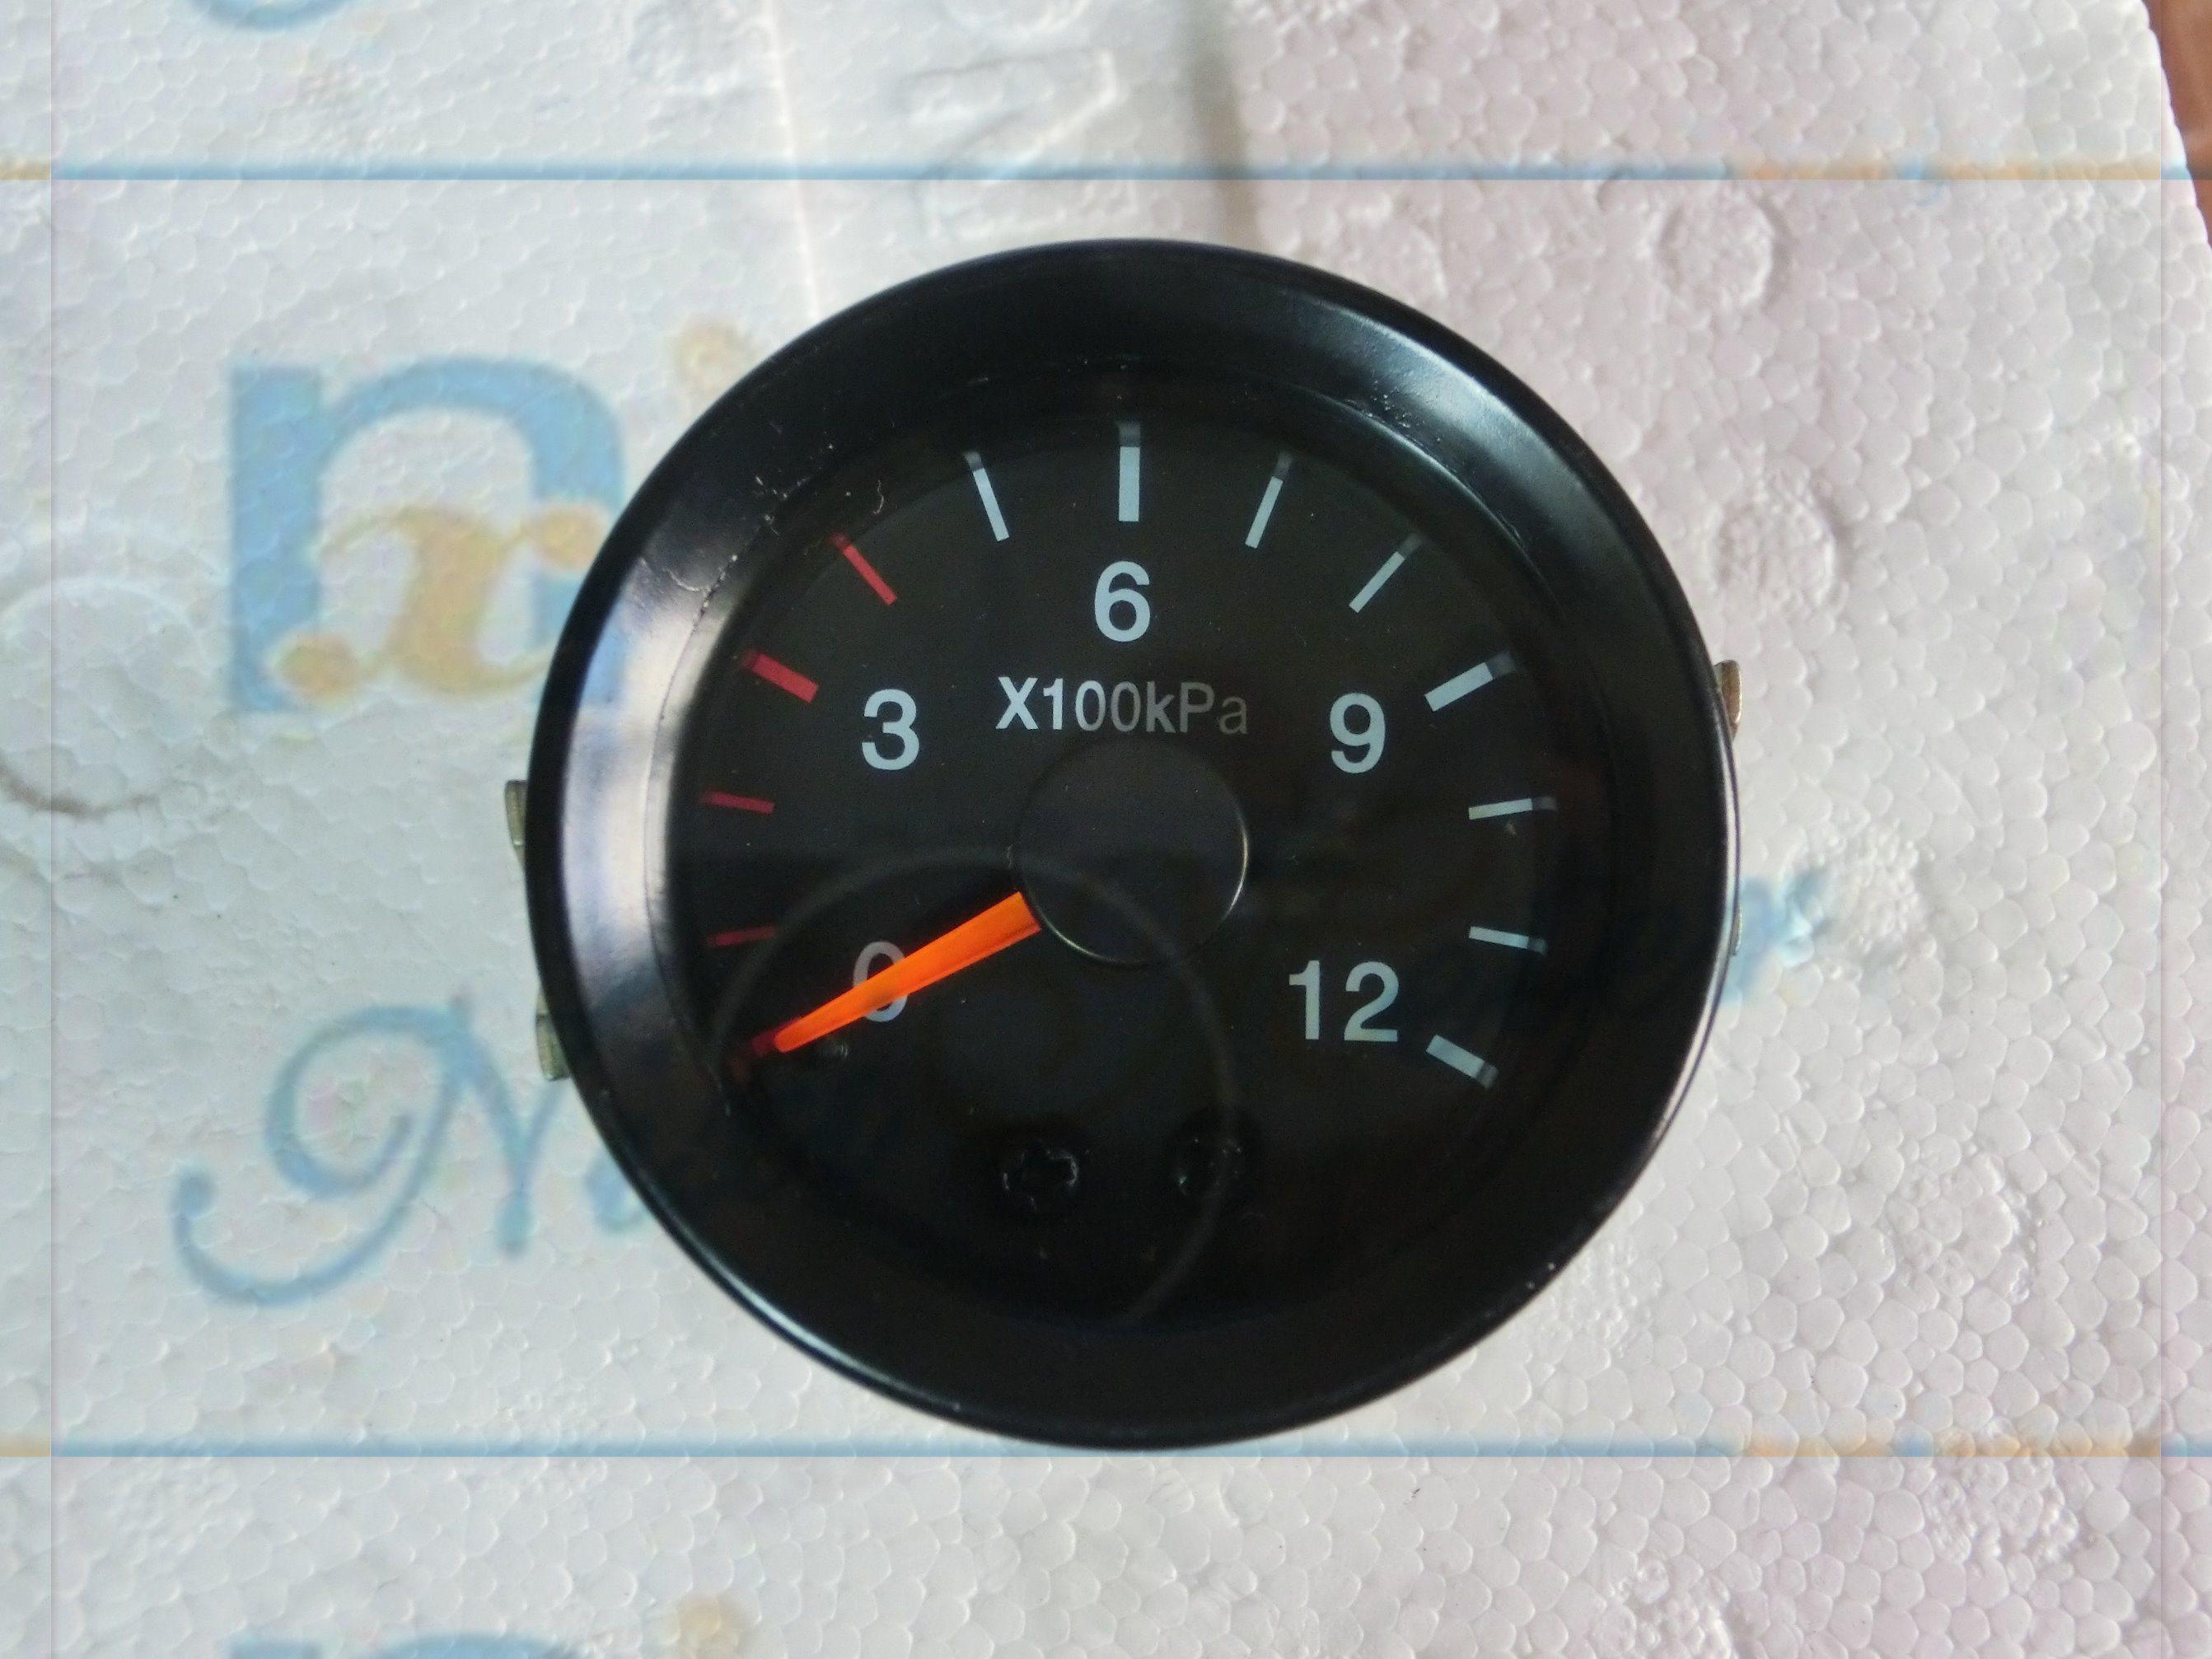 Auto Air Pressure Gauge of 10kg